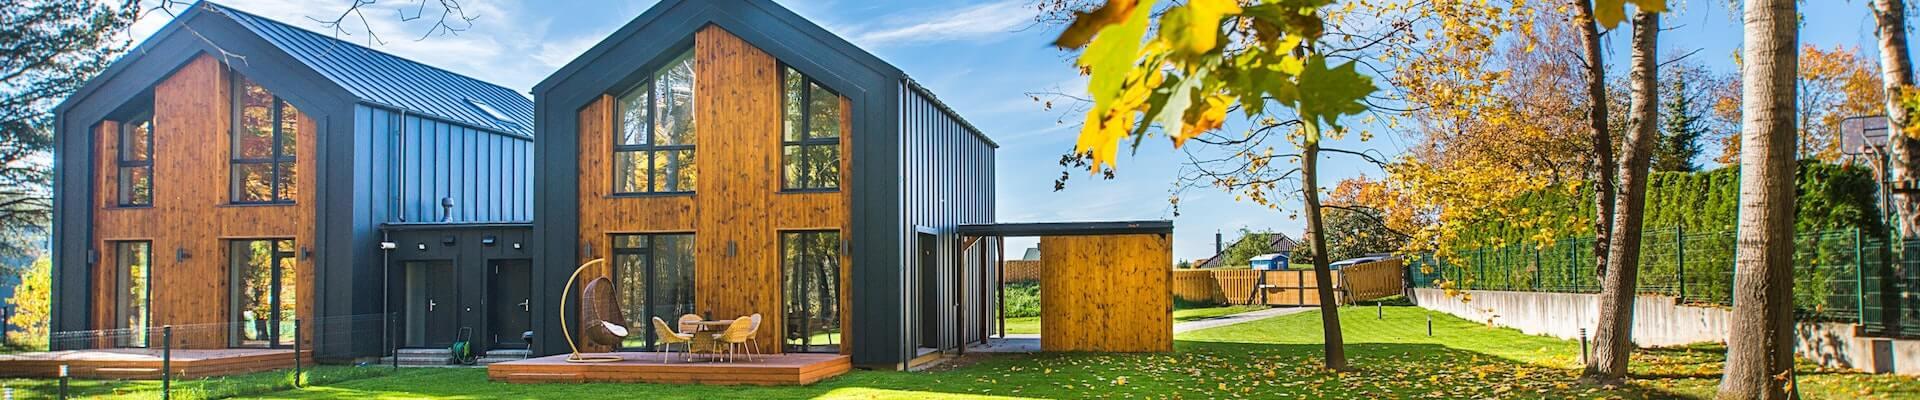 Ein Mehrfamilienhaus mitten im Grünen